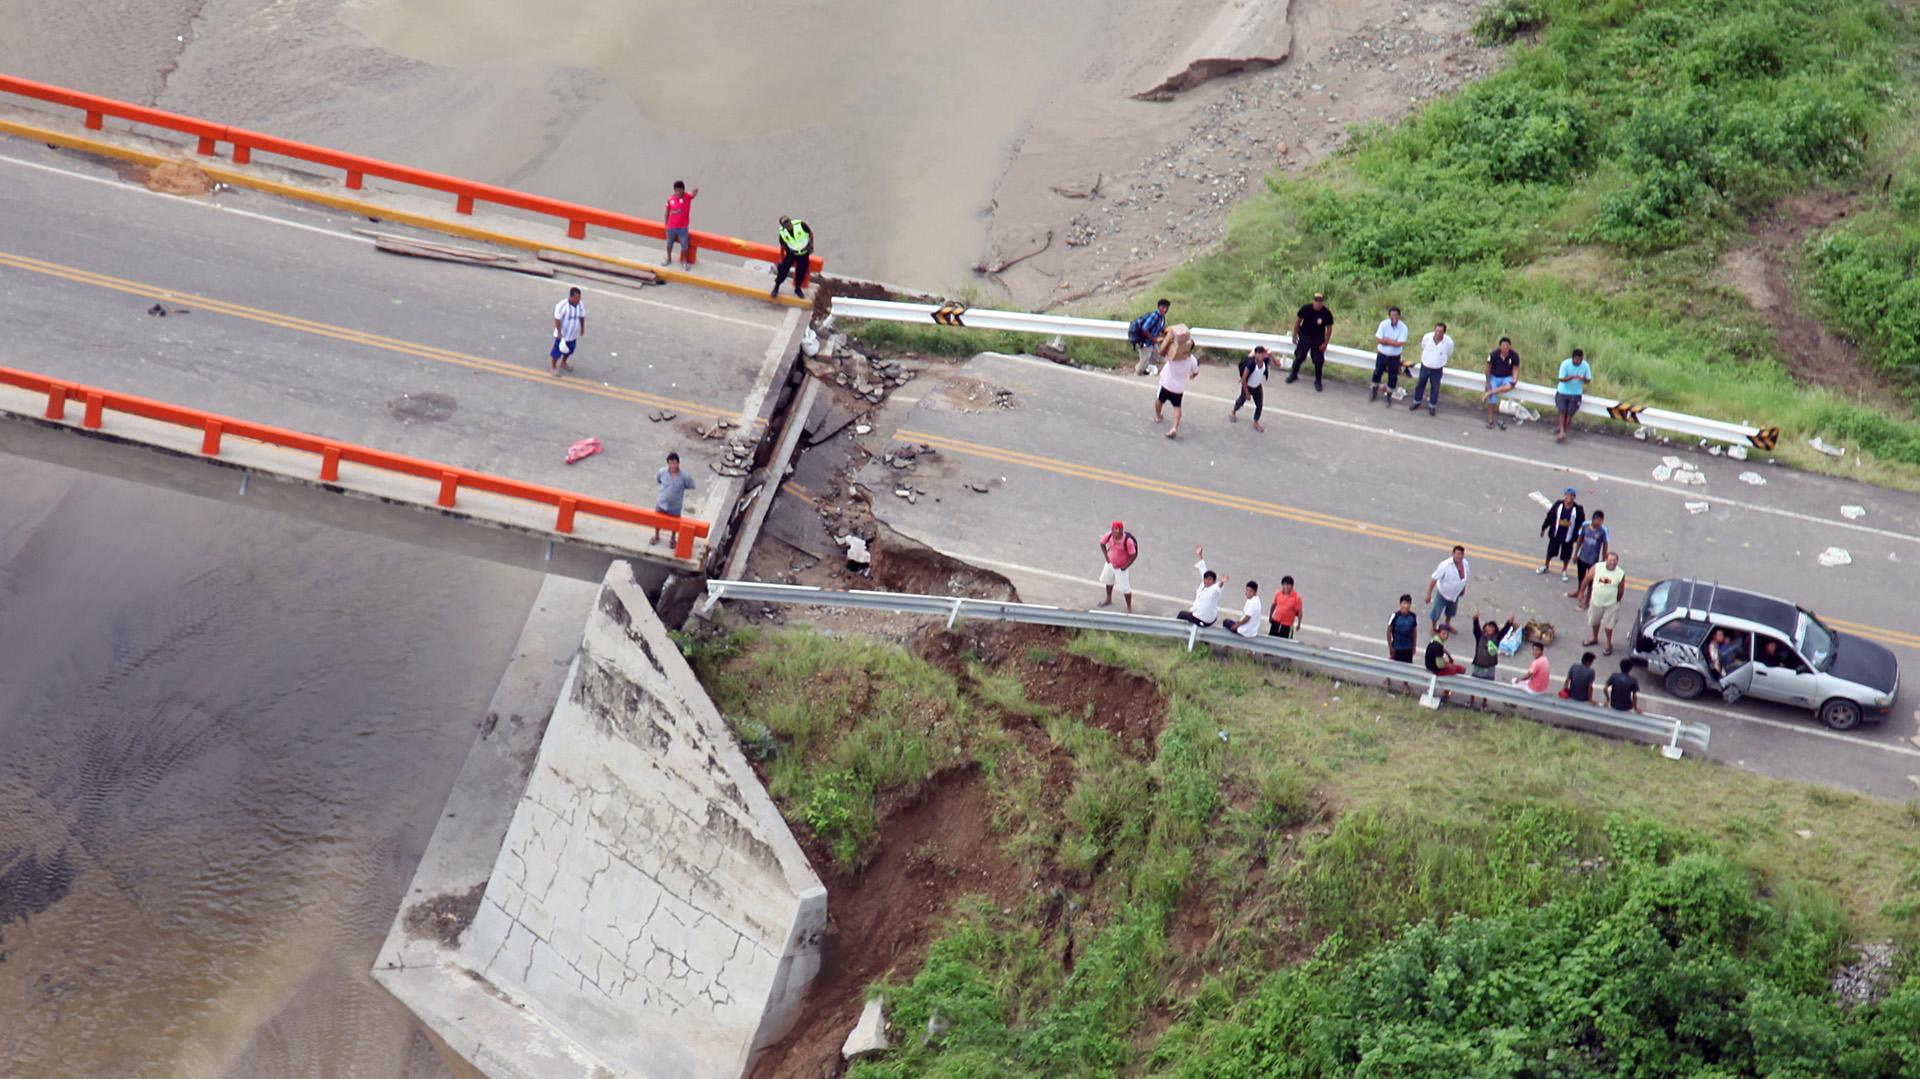 En Lima, el río Rímac se desbordó a su paso por el centro histórico e inundó el Parque de la Muralla, que exhibe parte de la antigua muralla que protegía a la ciudad durante la época colonial y donde también se ha colocado la estatua ecuestre del conquistador español Francisco Pizarro (AFP)